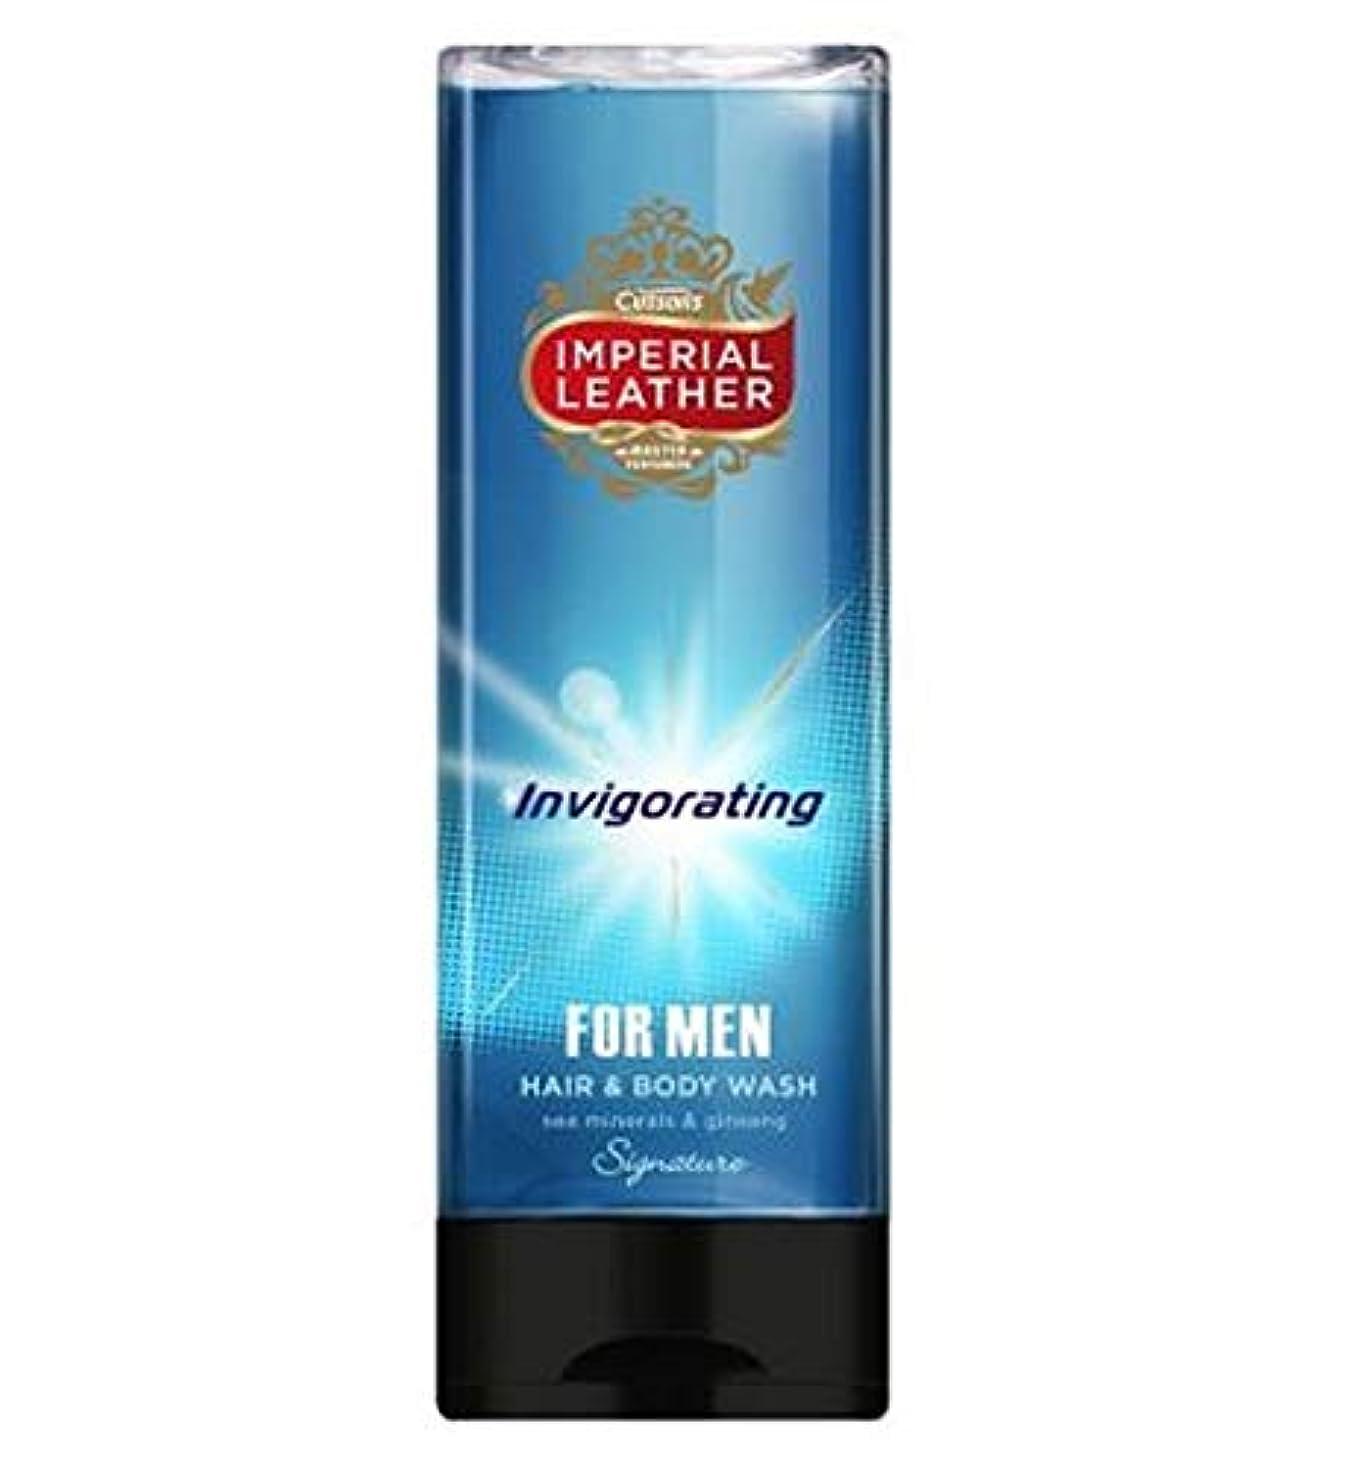 コンチネンタル加速度フロンティア[Imperial Leather ] 男性のためのヘア&ボディウォッシュを爽快帝国革の署名 - Imperial Leather Signature Invigorating Hair & Body Wash For Men [並行輸入品]